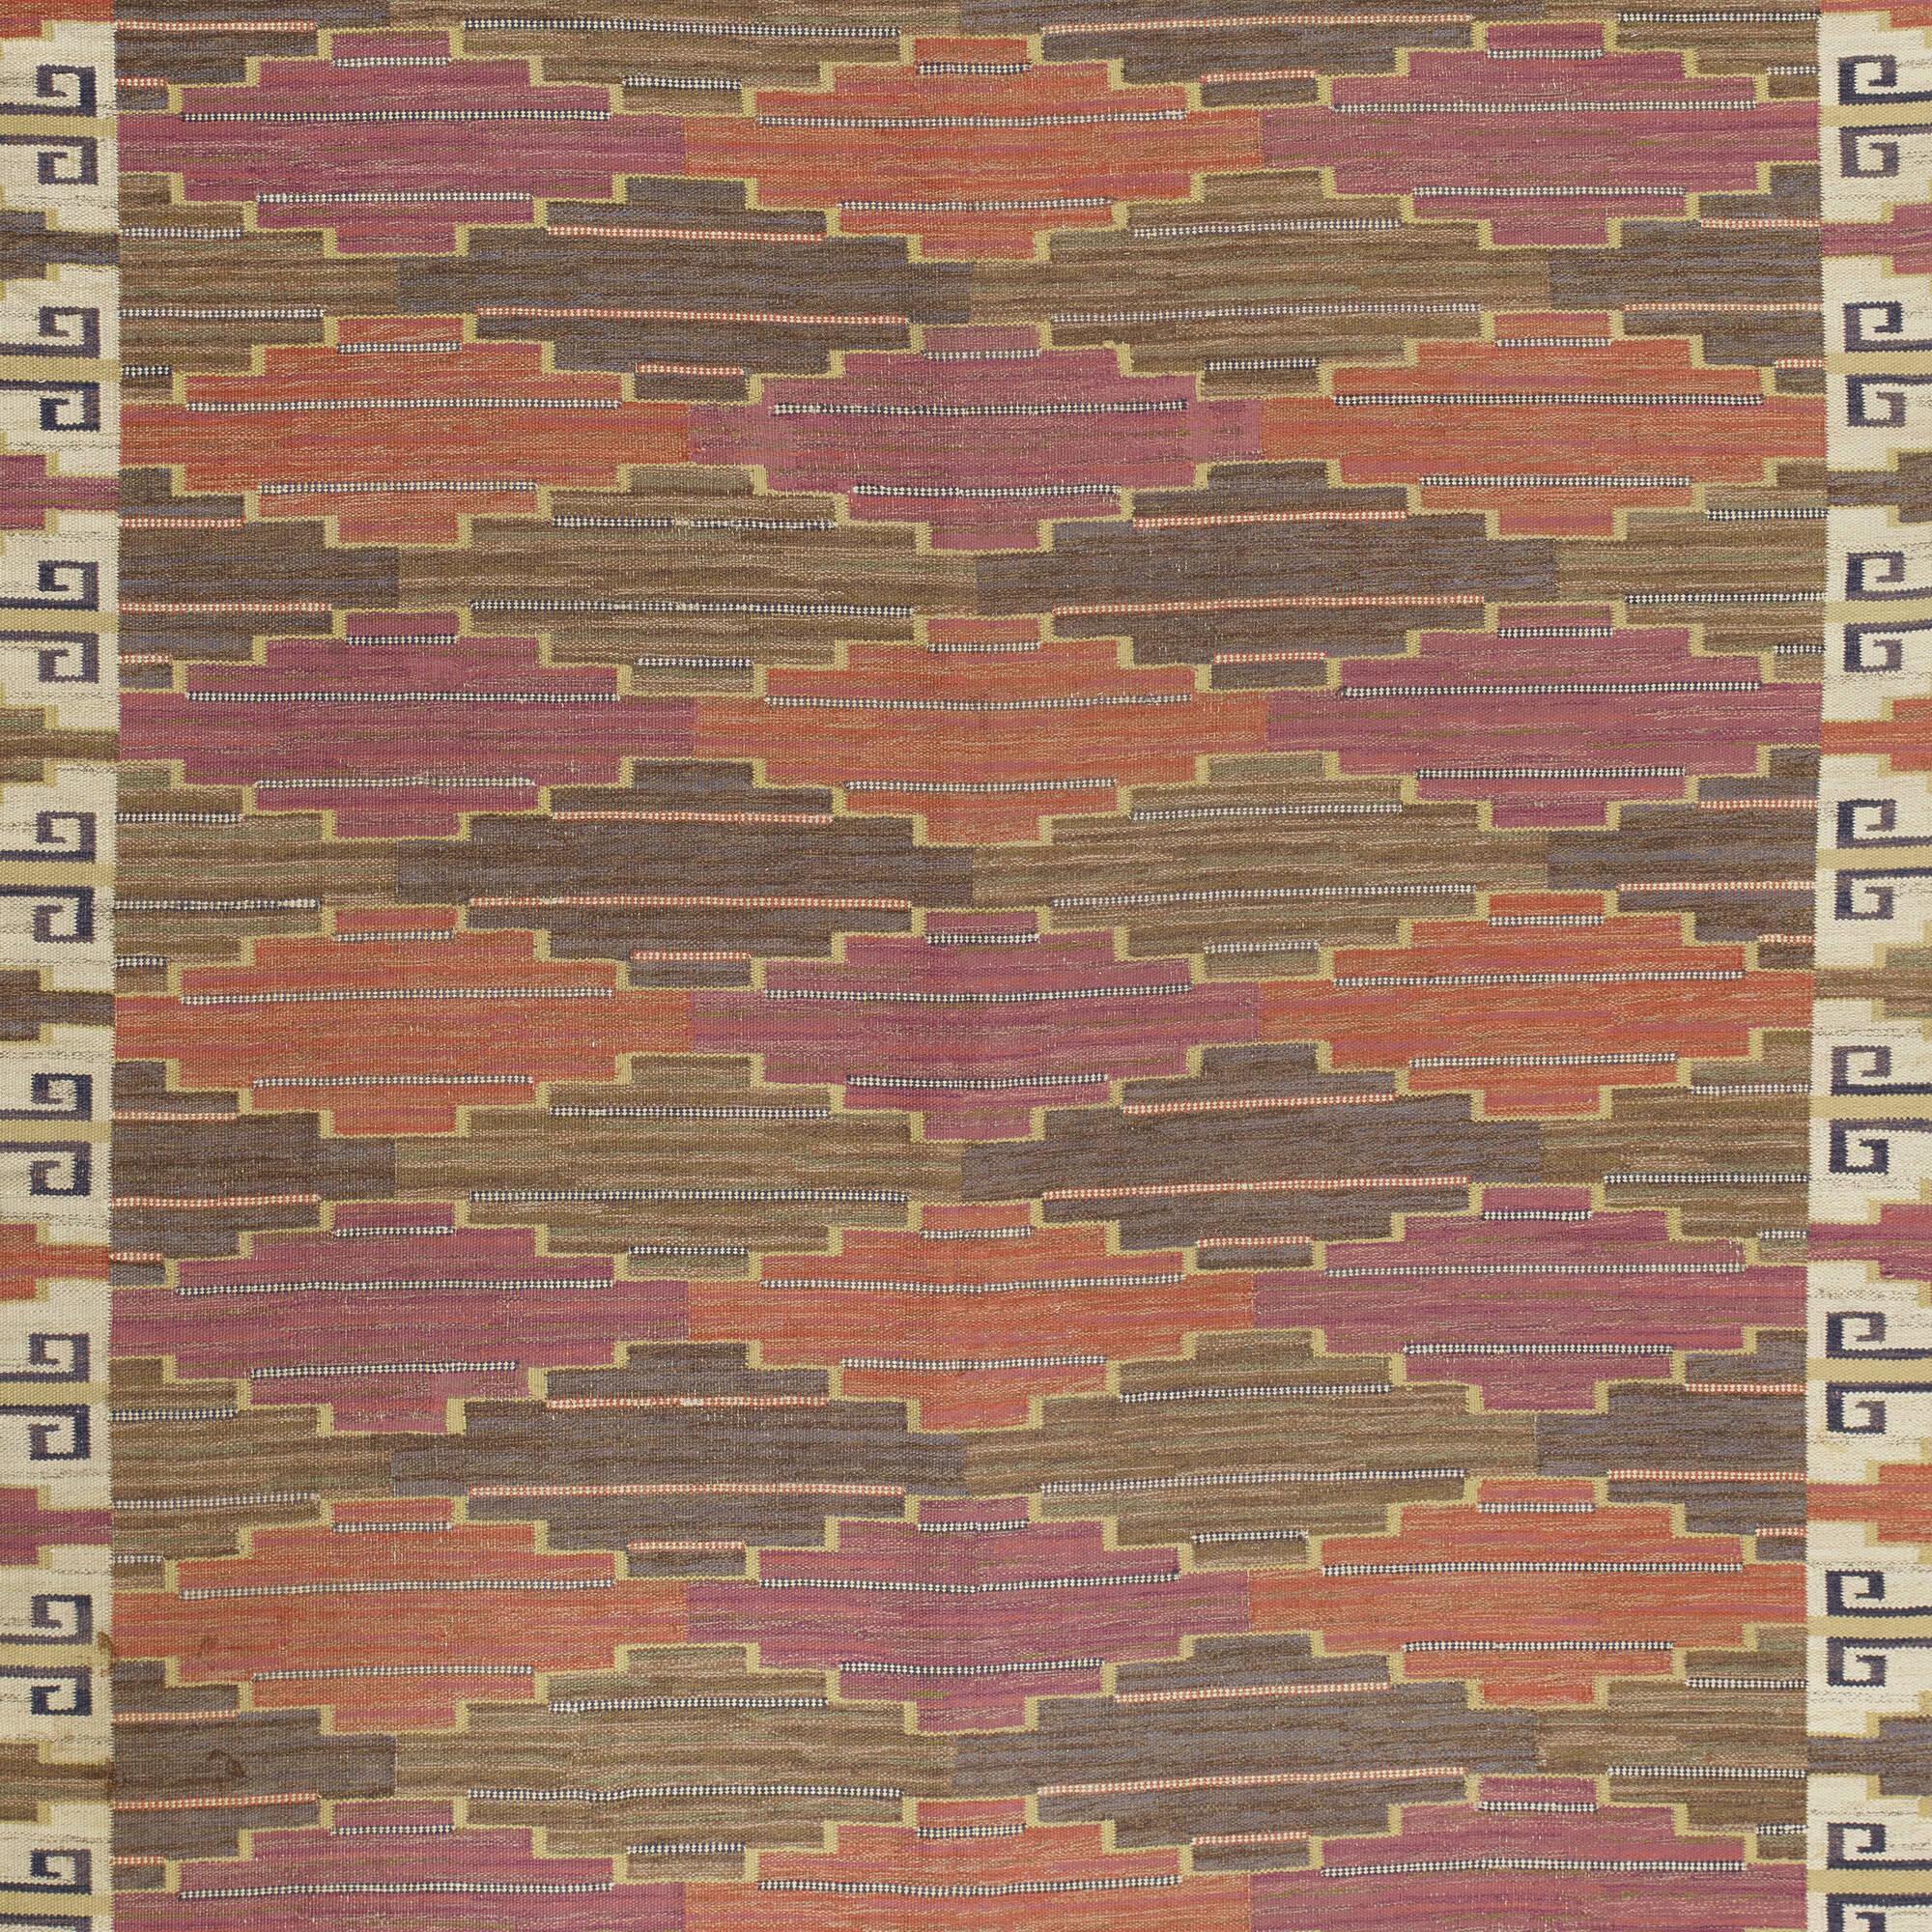 161: Märta Måås-Fjetterström / Bruna Heden flatweave carpet (3 of 3)